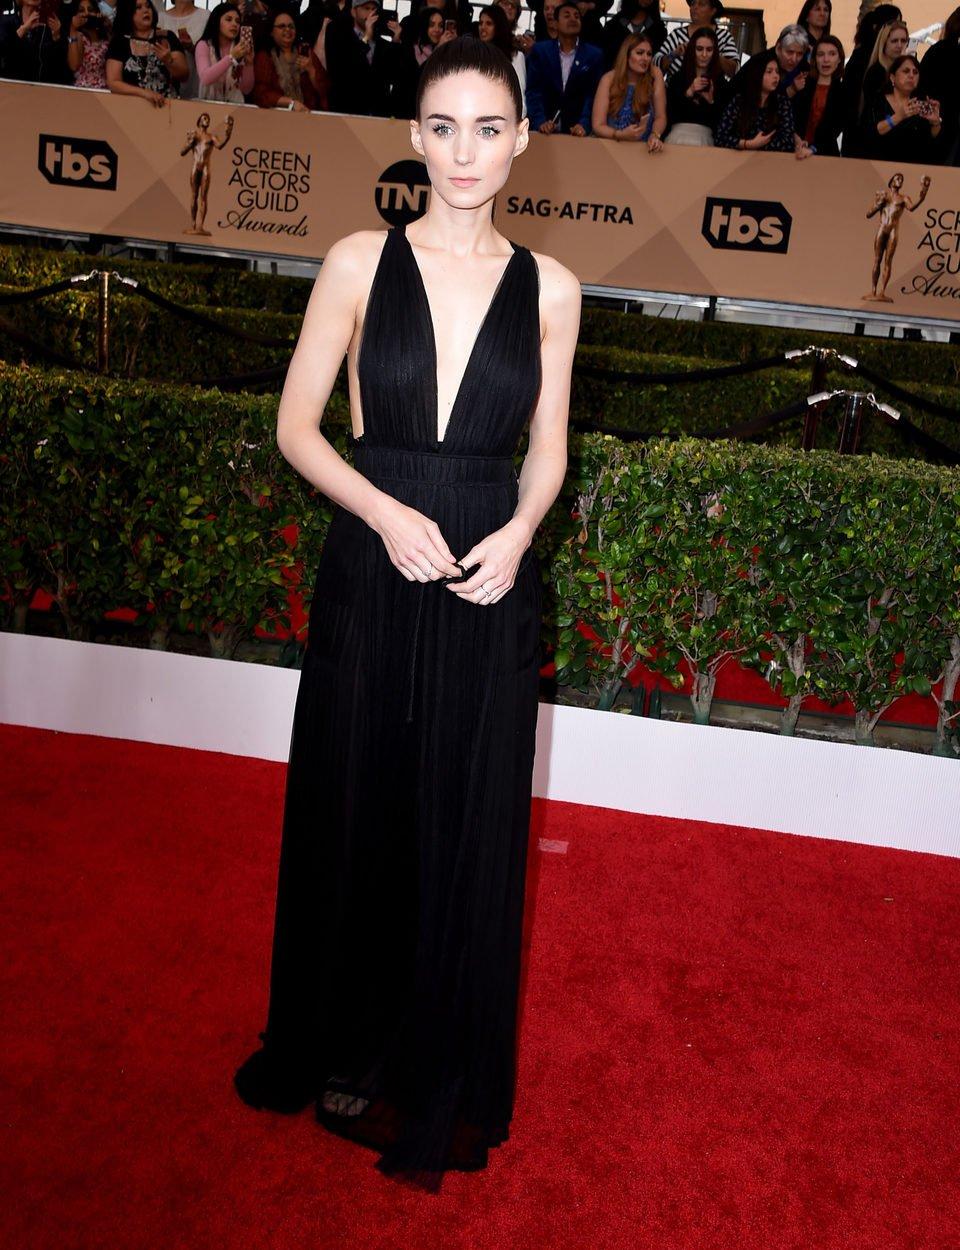 Rooney Mara at the SAG Awards 2016 red carpet